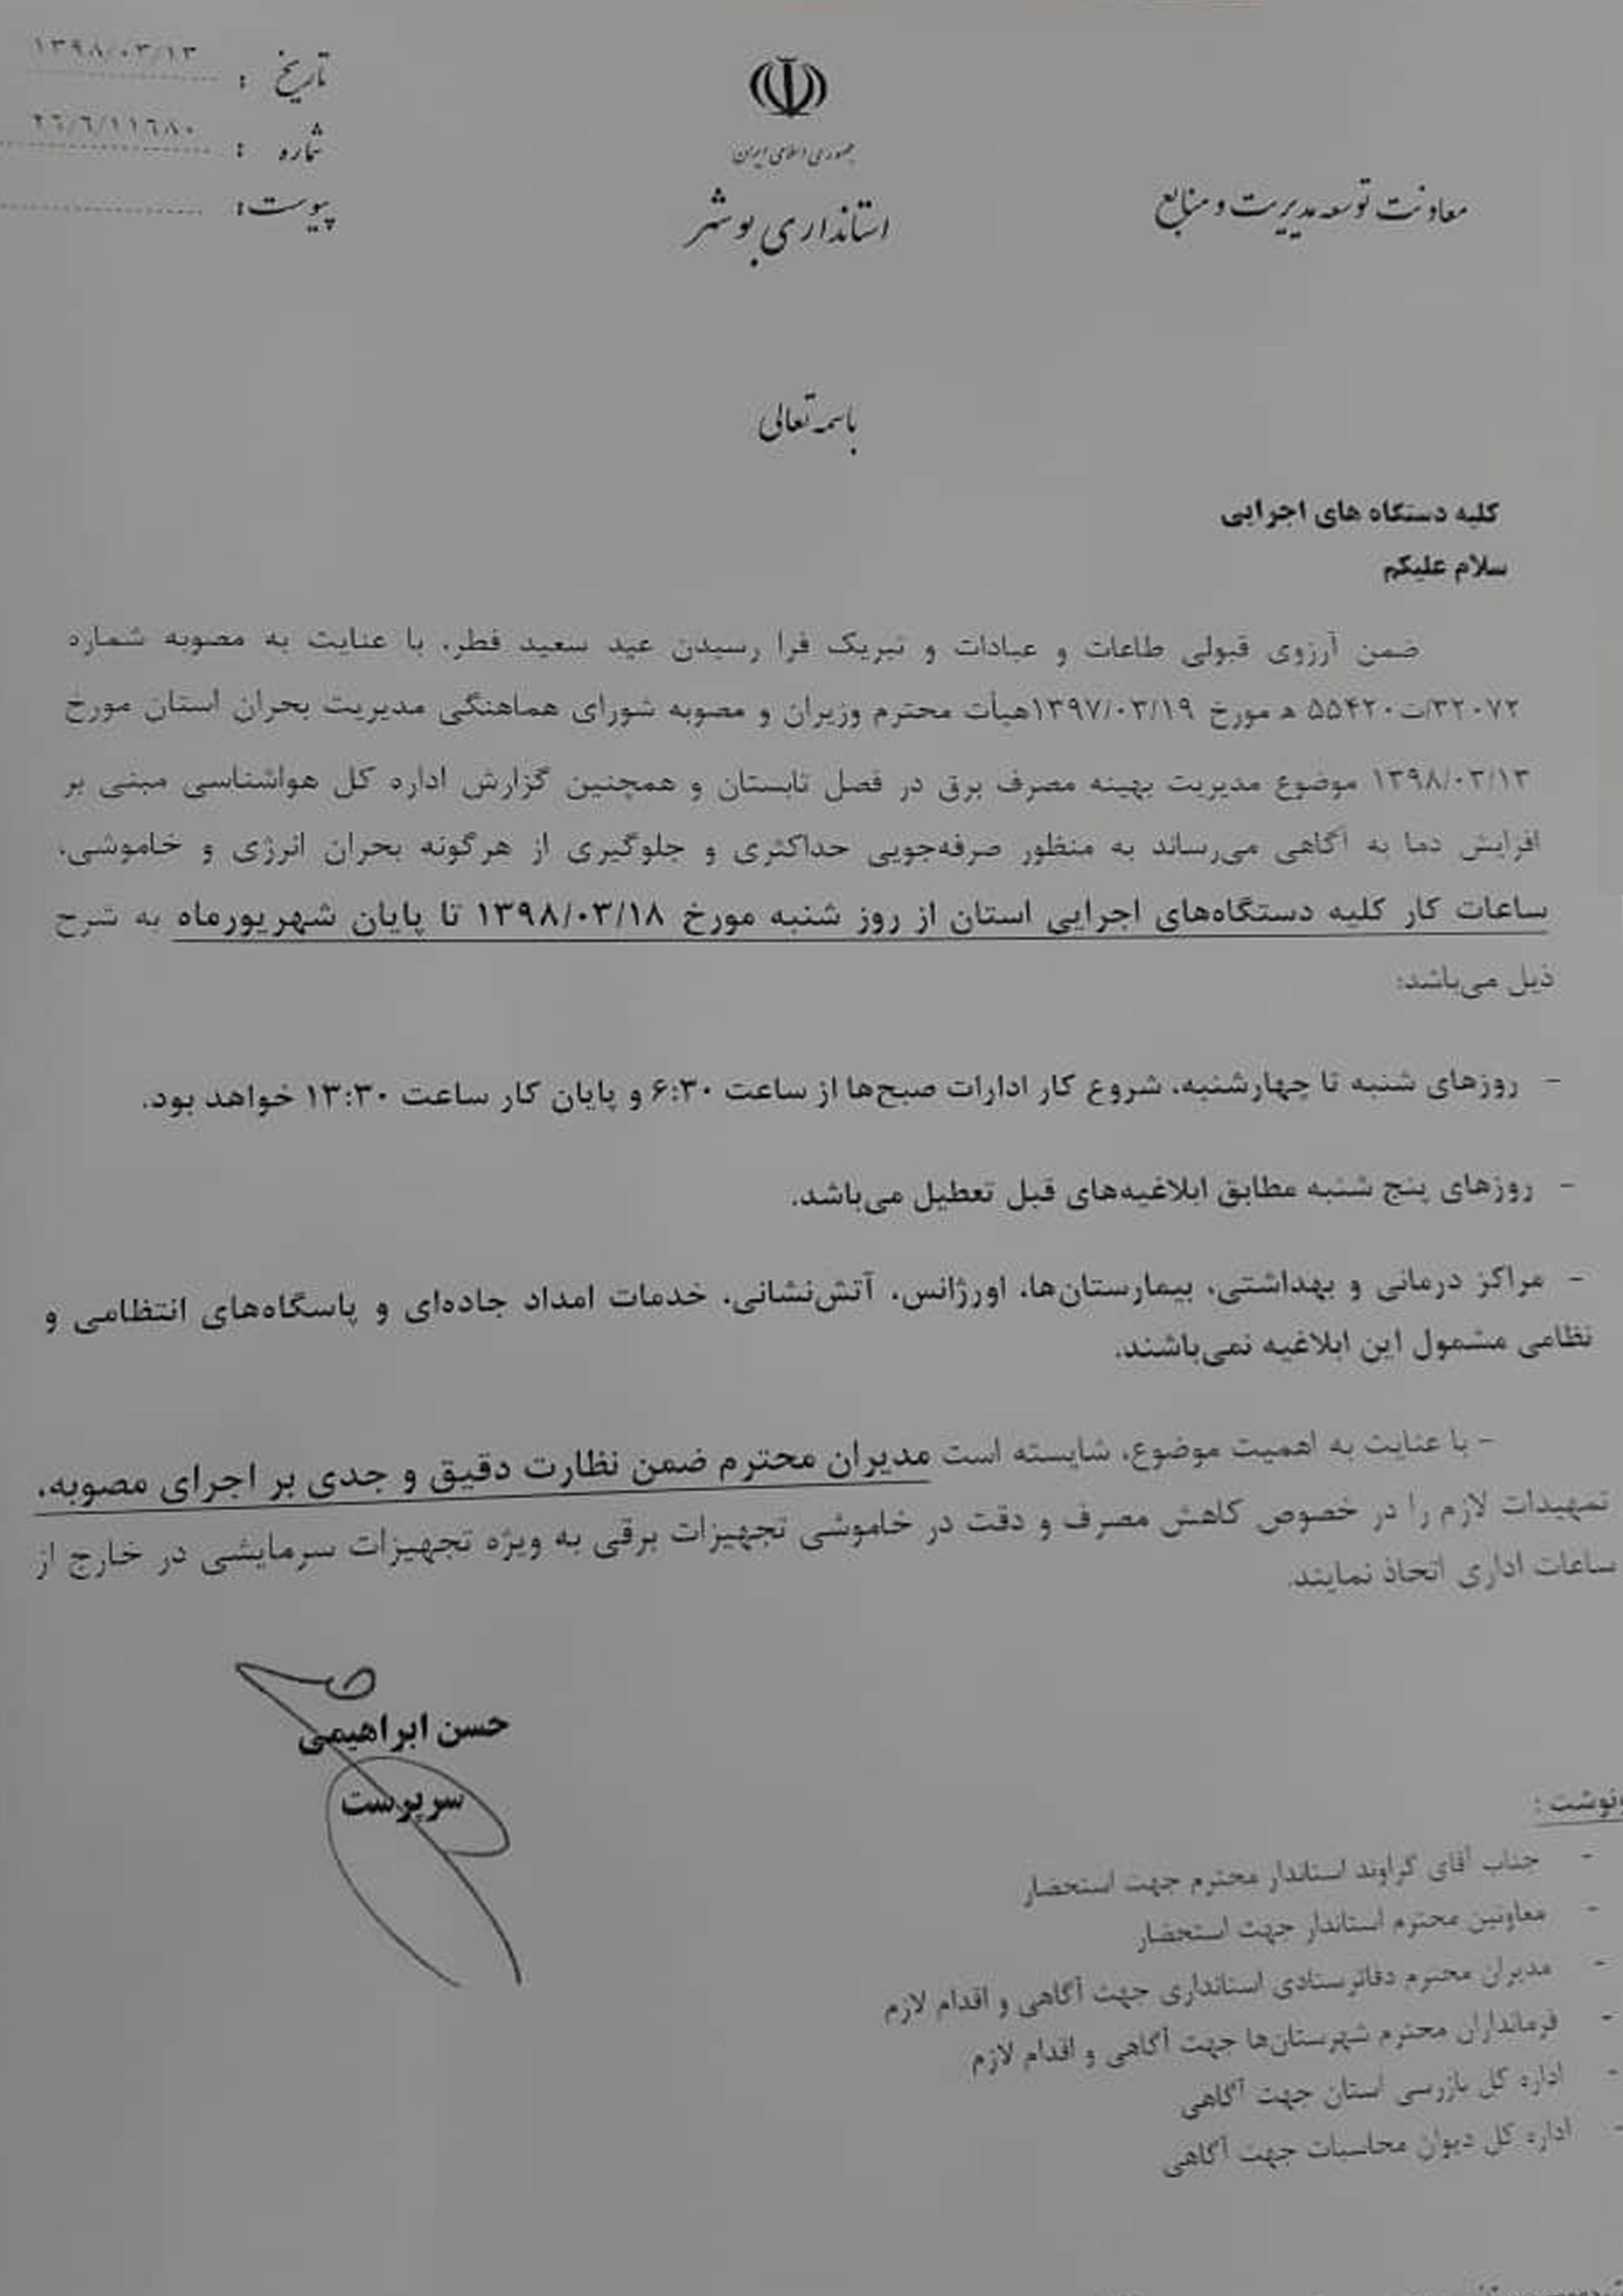 تغییر ساعت کاری ادارههای استان بوشهر از شنبه